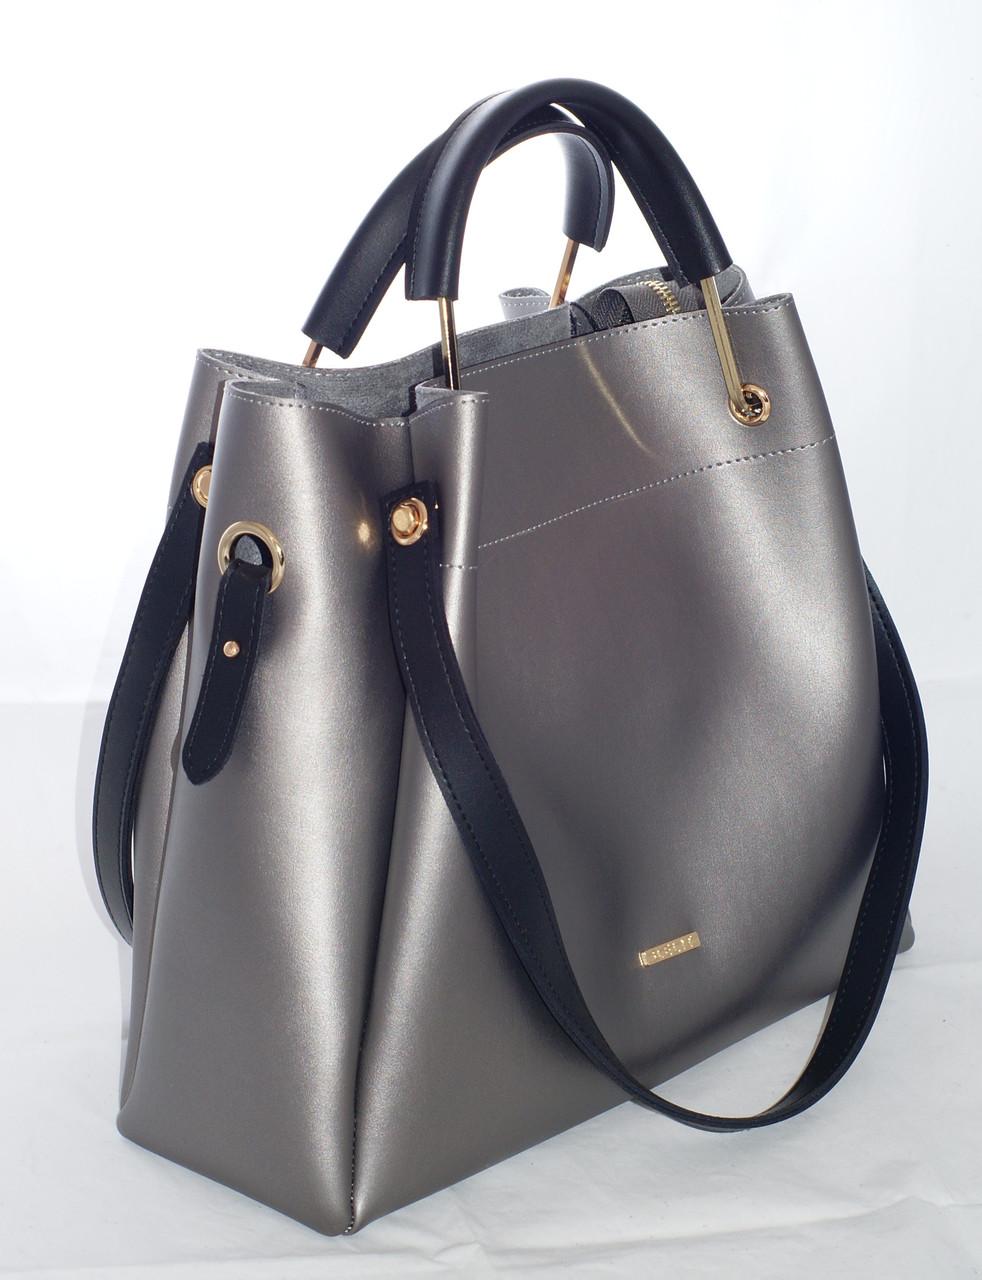 d0e1d9c7da9a Женская сумка - шоппер B.Elit, цвет графит (серый) с черными ручками ...